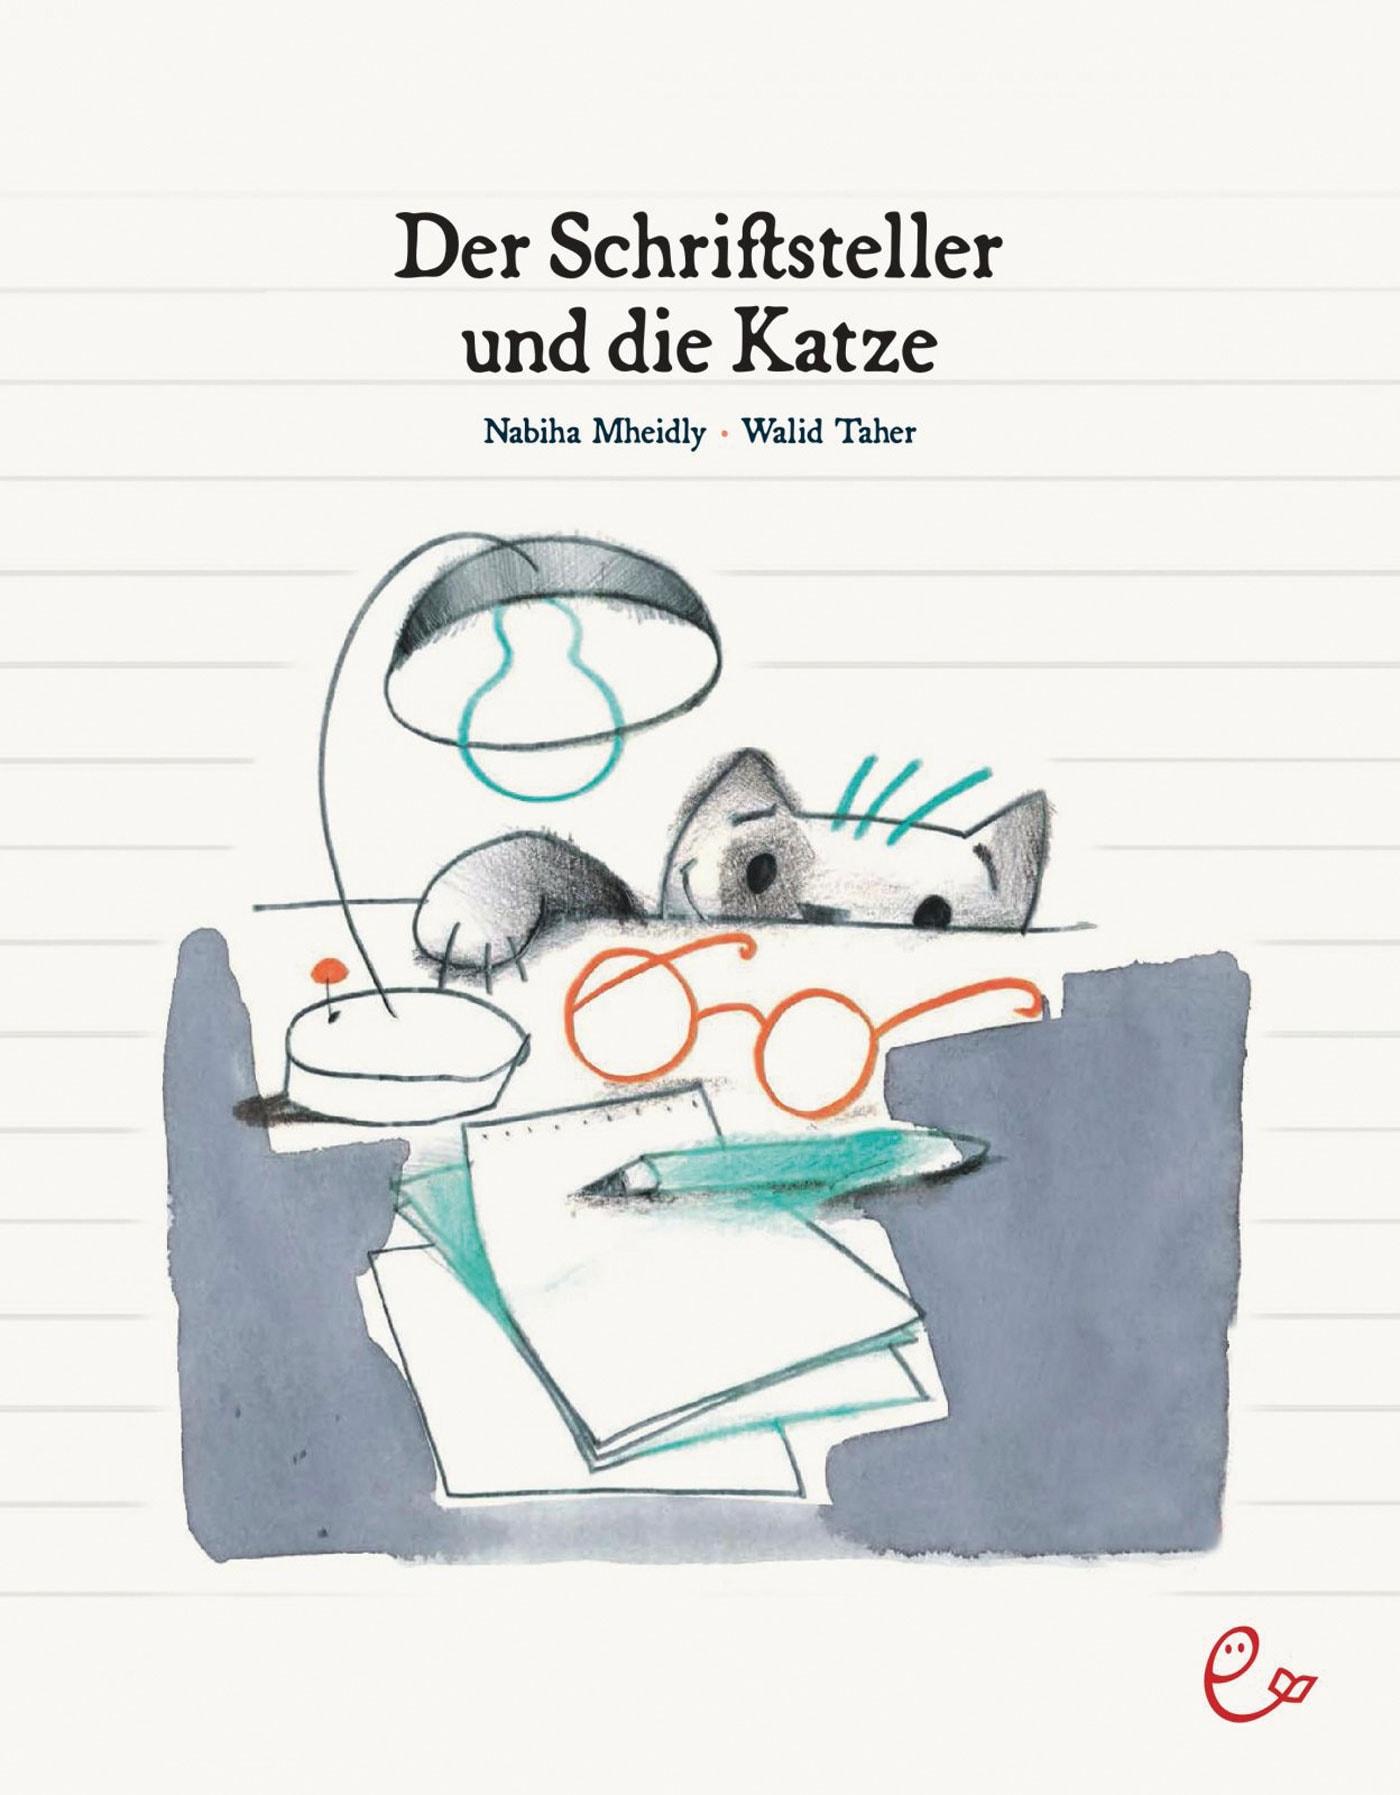 Wunderbare Geschichte vom Schreiben für Kinder // HIMBEER